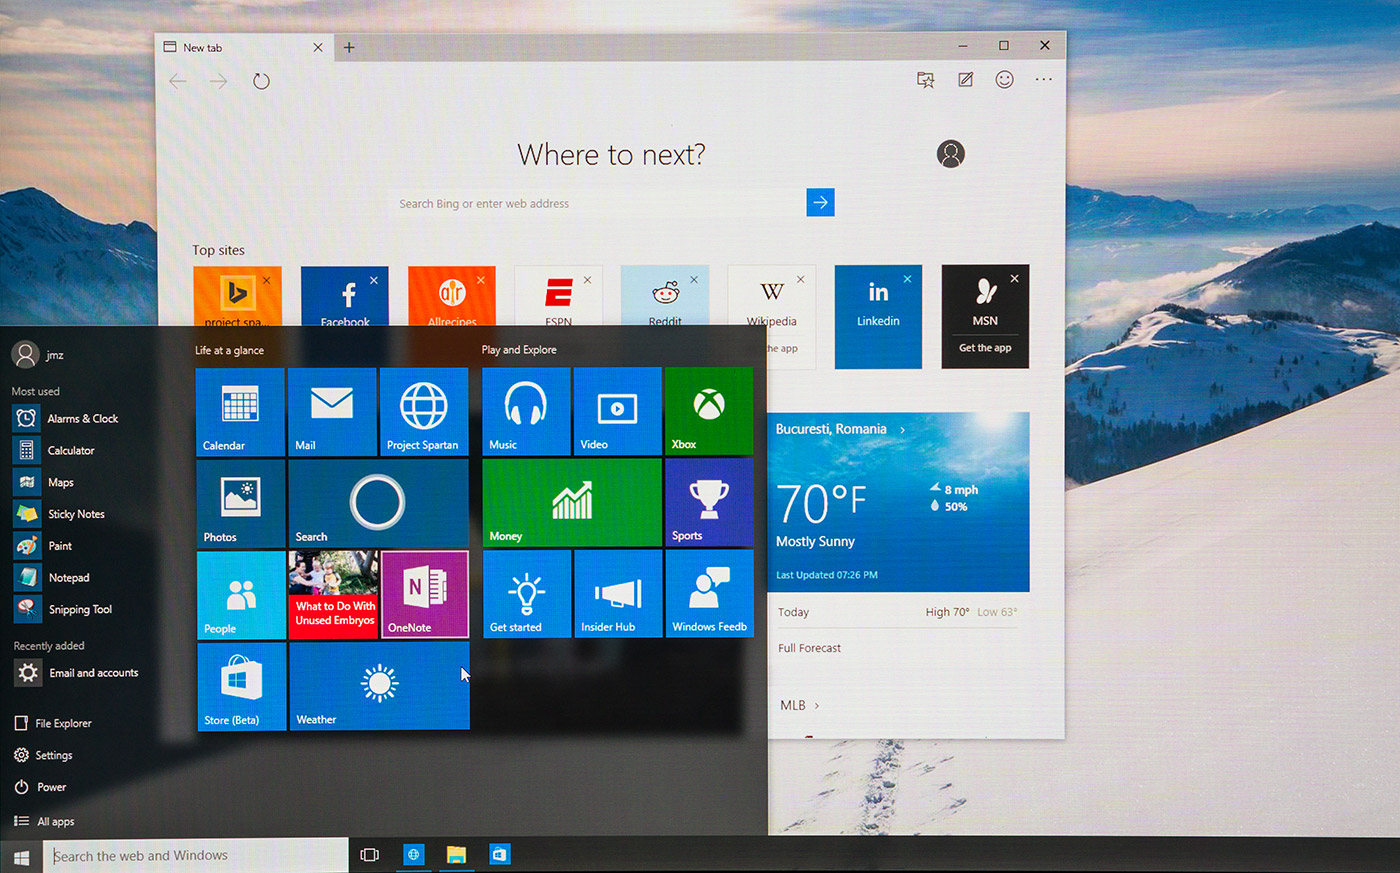 Actualizar a Windows 10 dejará de ser gratuito a partir del 30 de julio